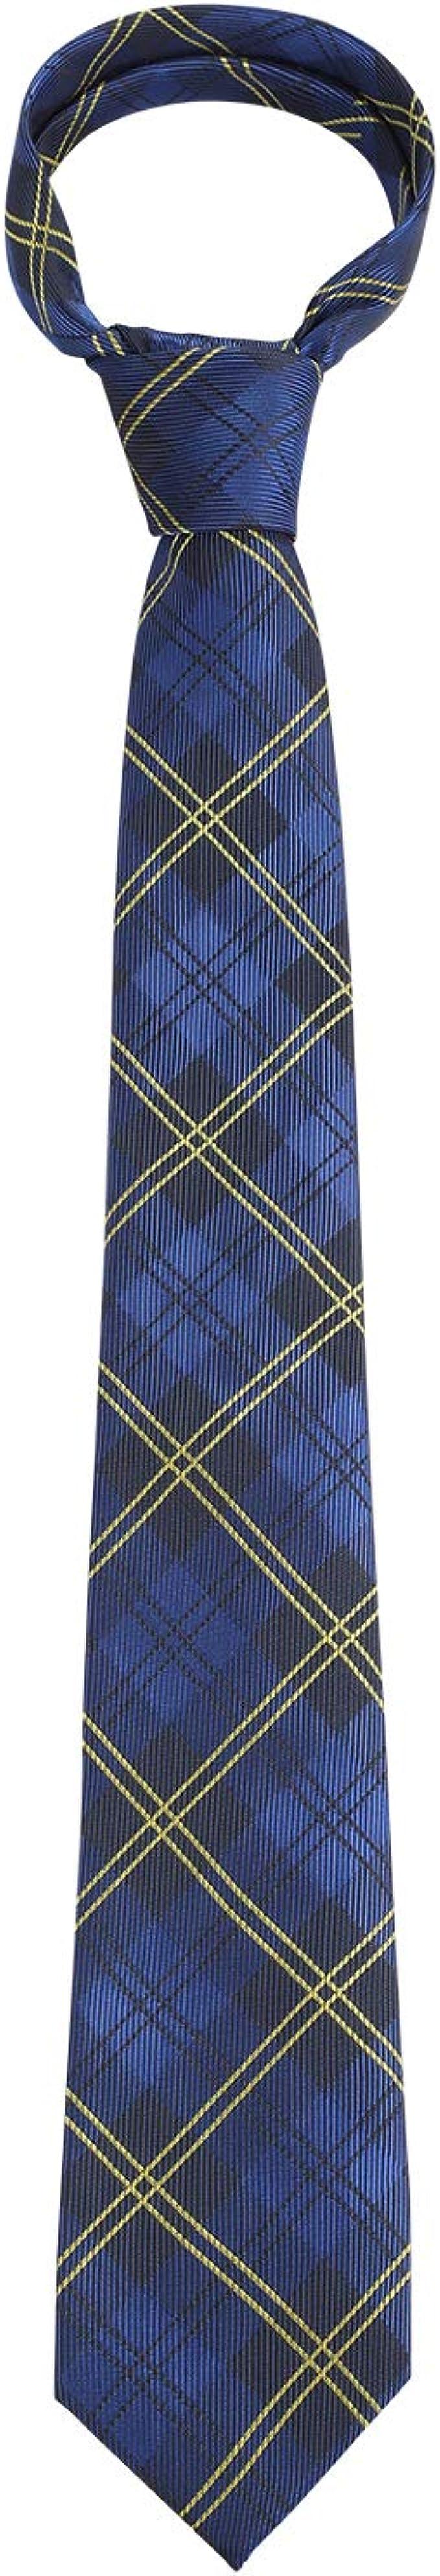 Juego de corbatas y pañuelos para hombre, clásicos – La corbata de ...